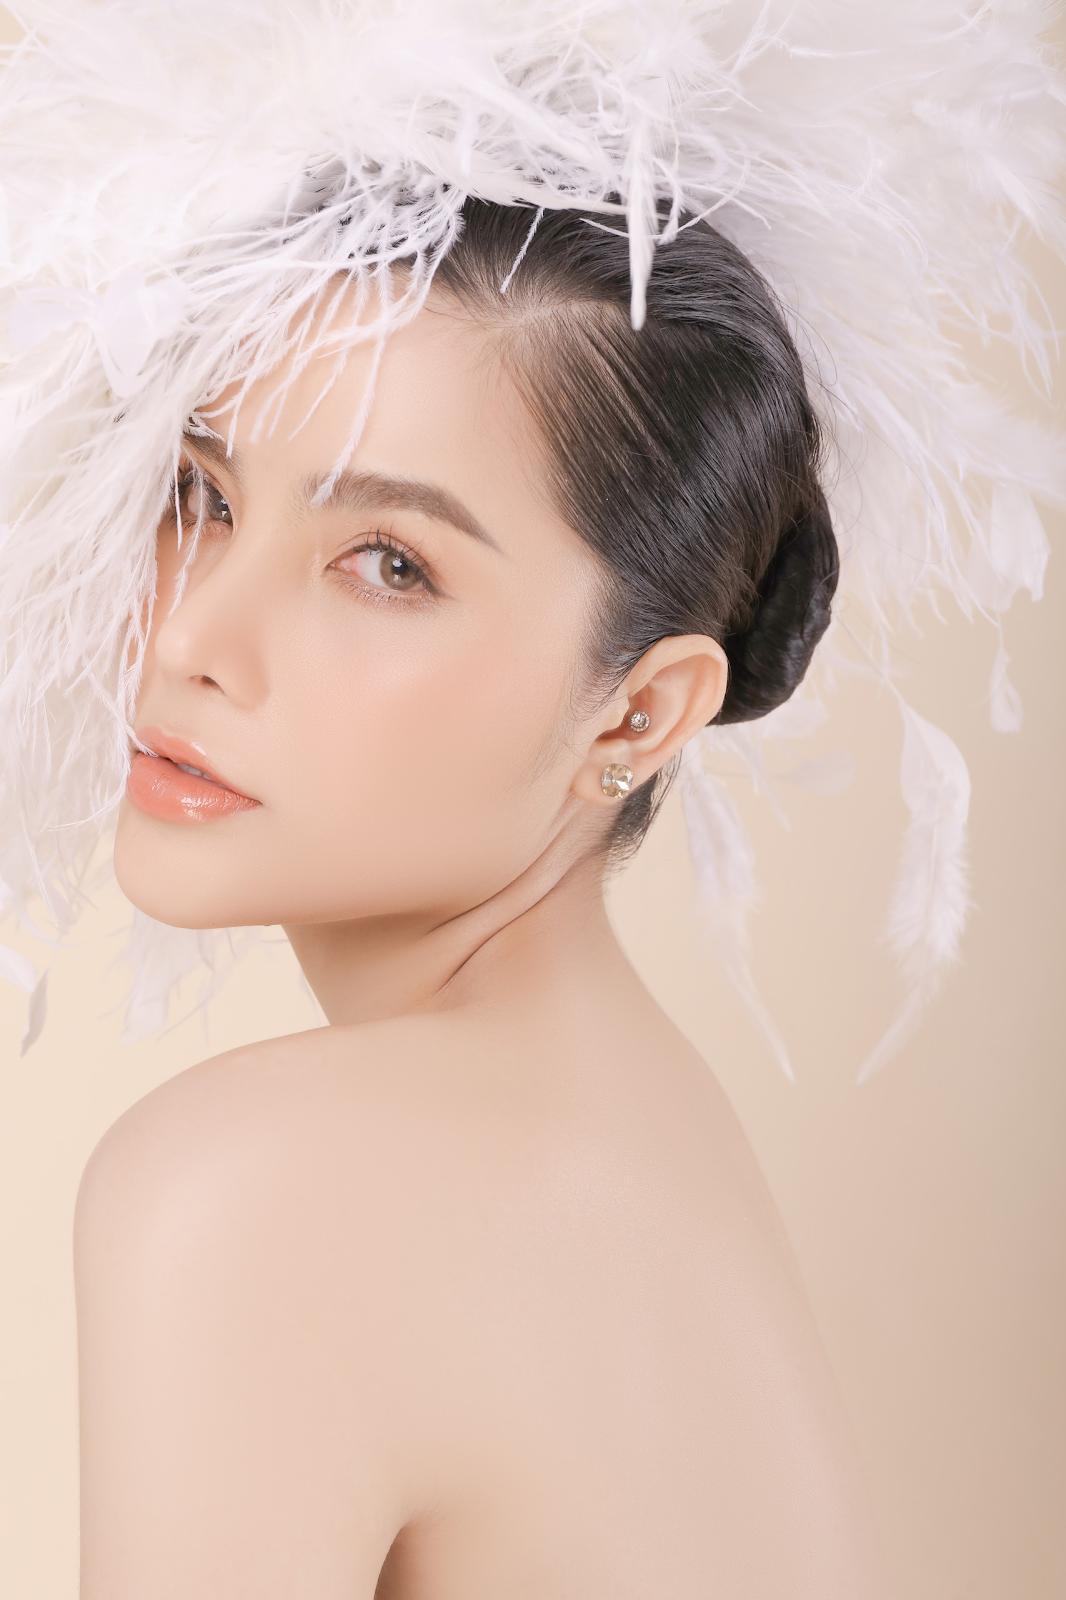 Hotgirl Phạm Ngọc Vi: Làm đẹp không khó quan trọng là chị em phụ nữ có muốn hay là không thôi - Ảnh 2